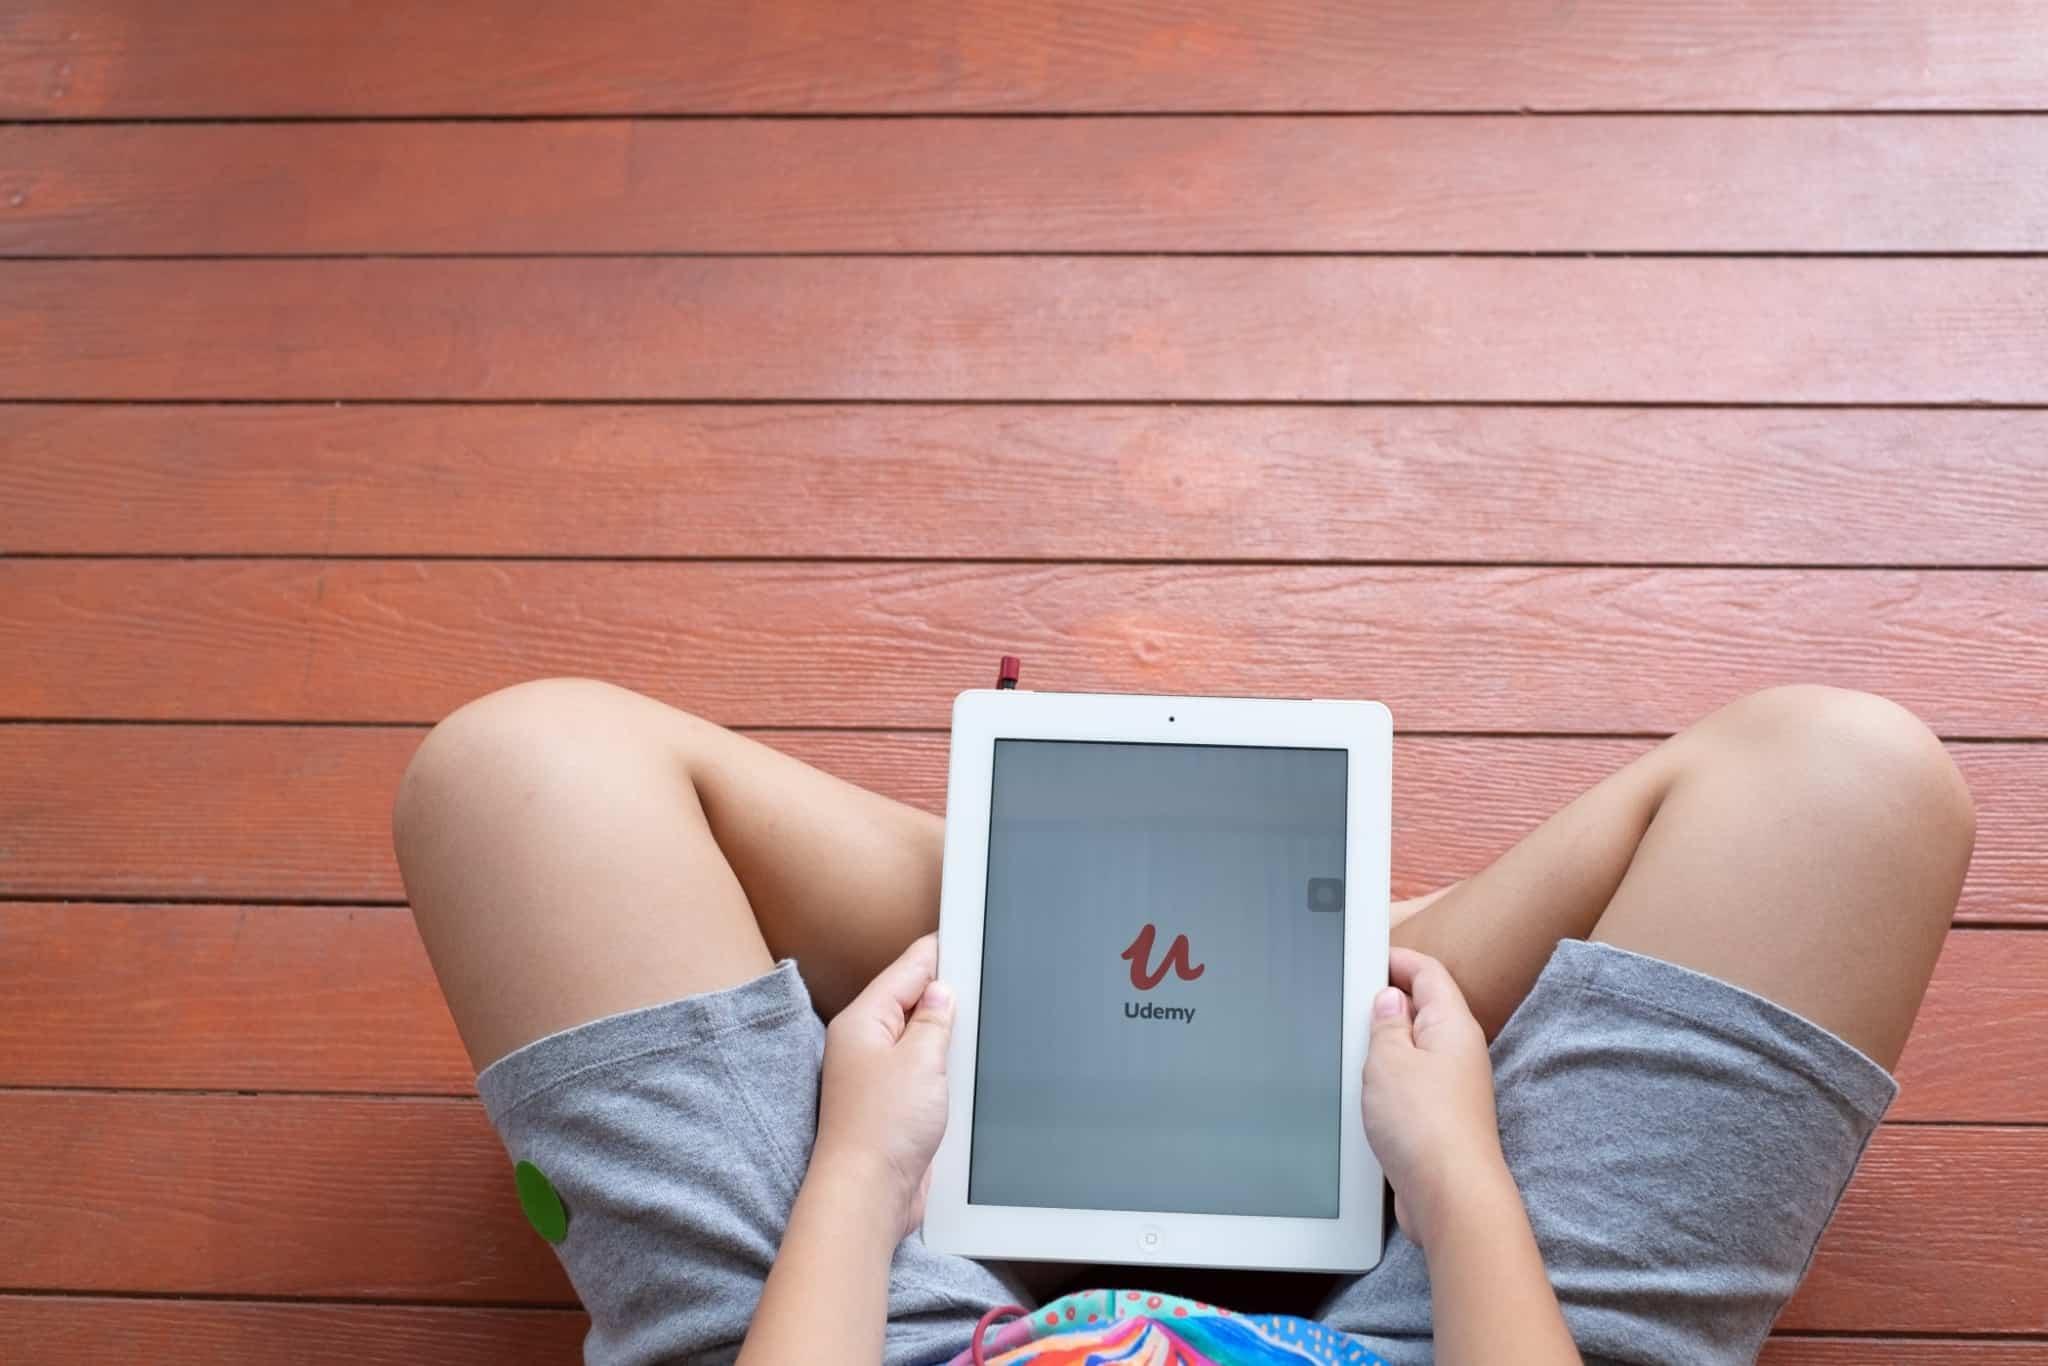 pessoa sentada com um tablet na mão com o portal udemy